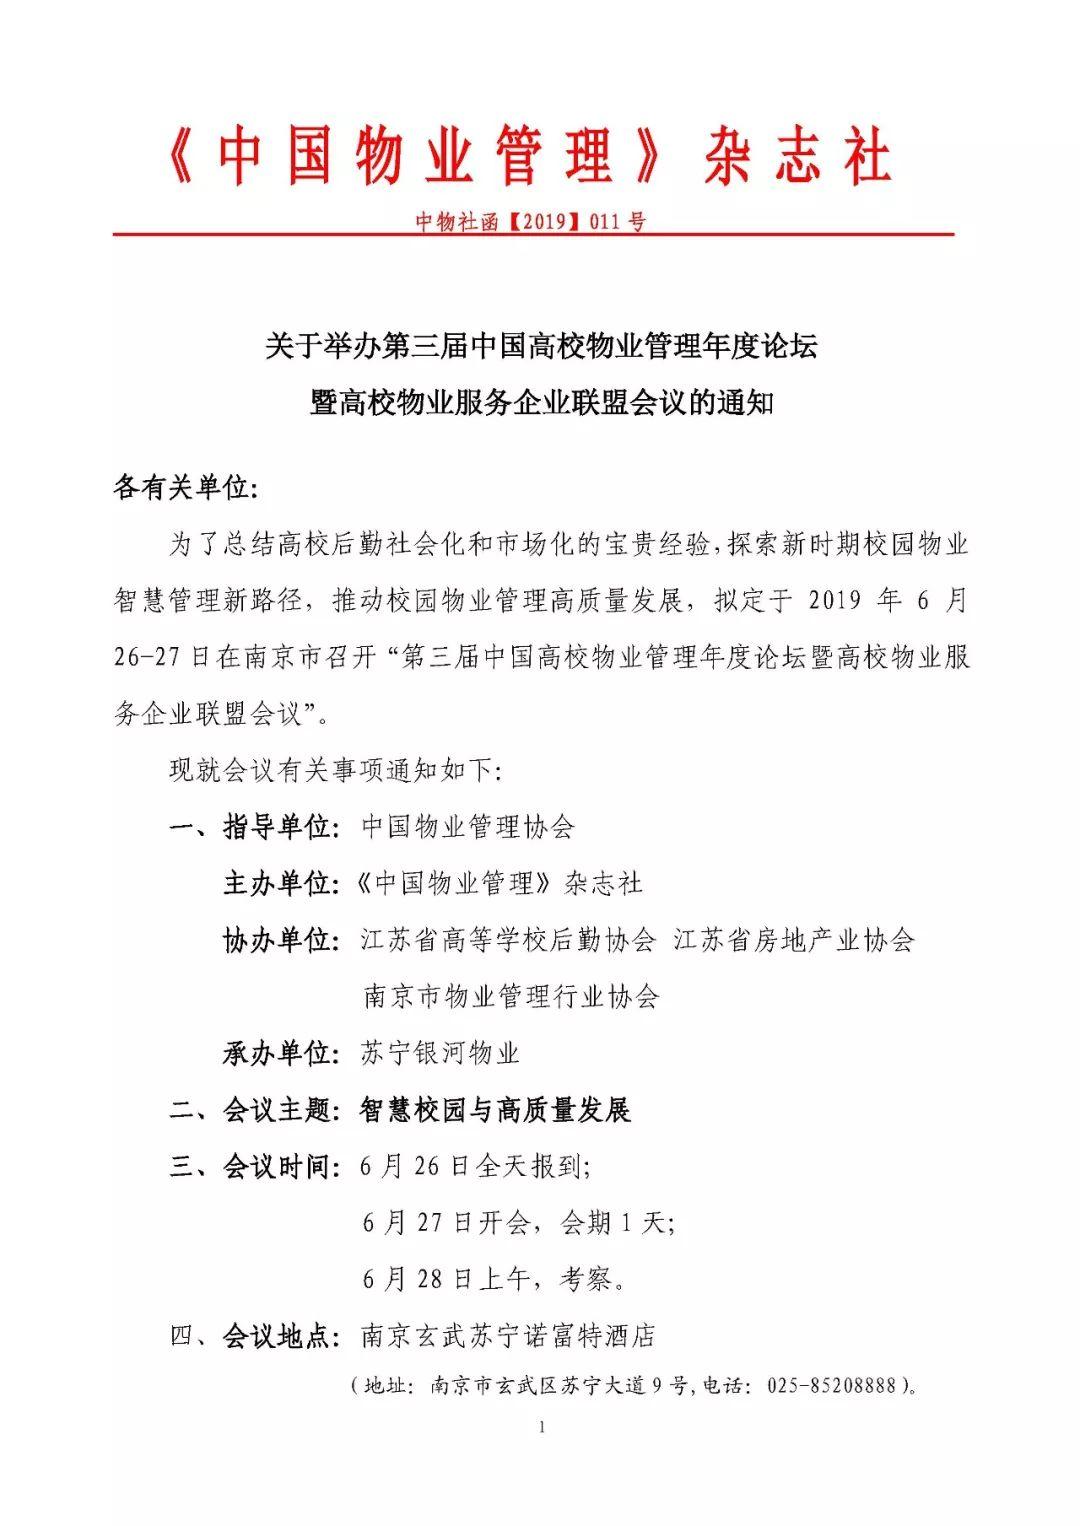 关于召开第三届中国高校物业管理年度论坛暨高校物业服务企业联盟会议的通知_绵阳网赚论坛